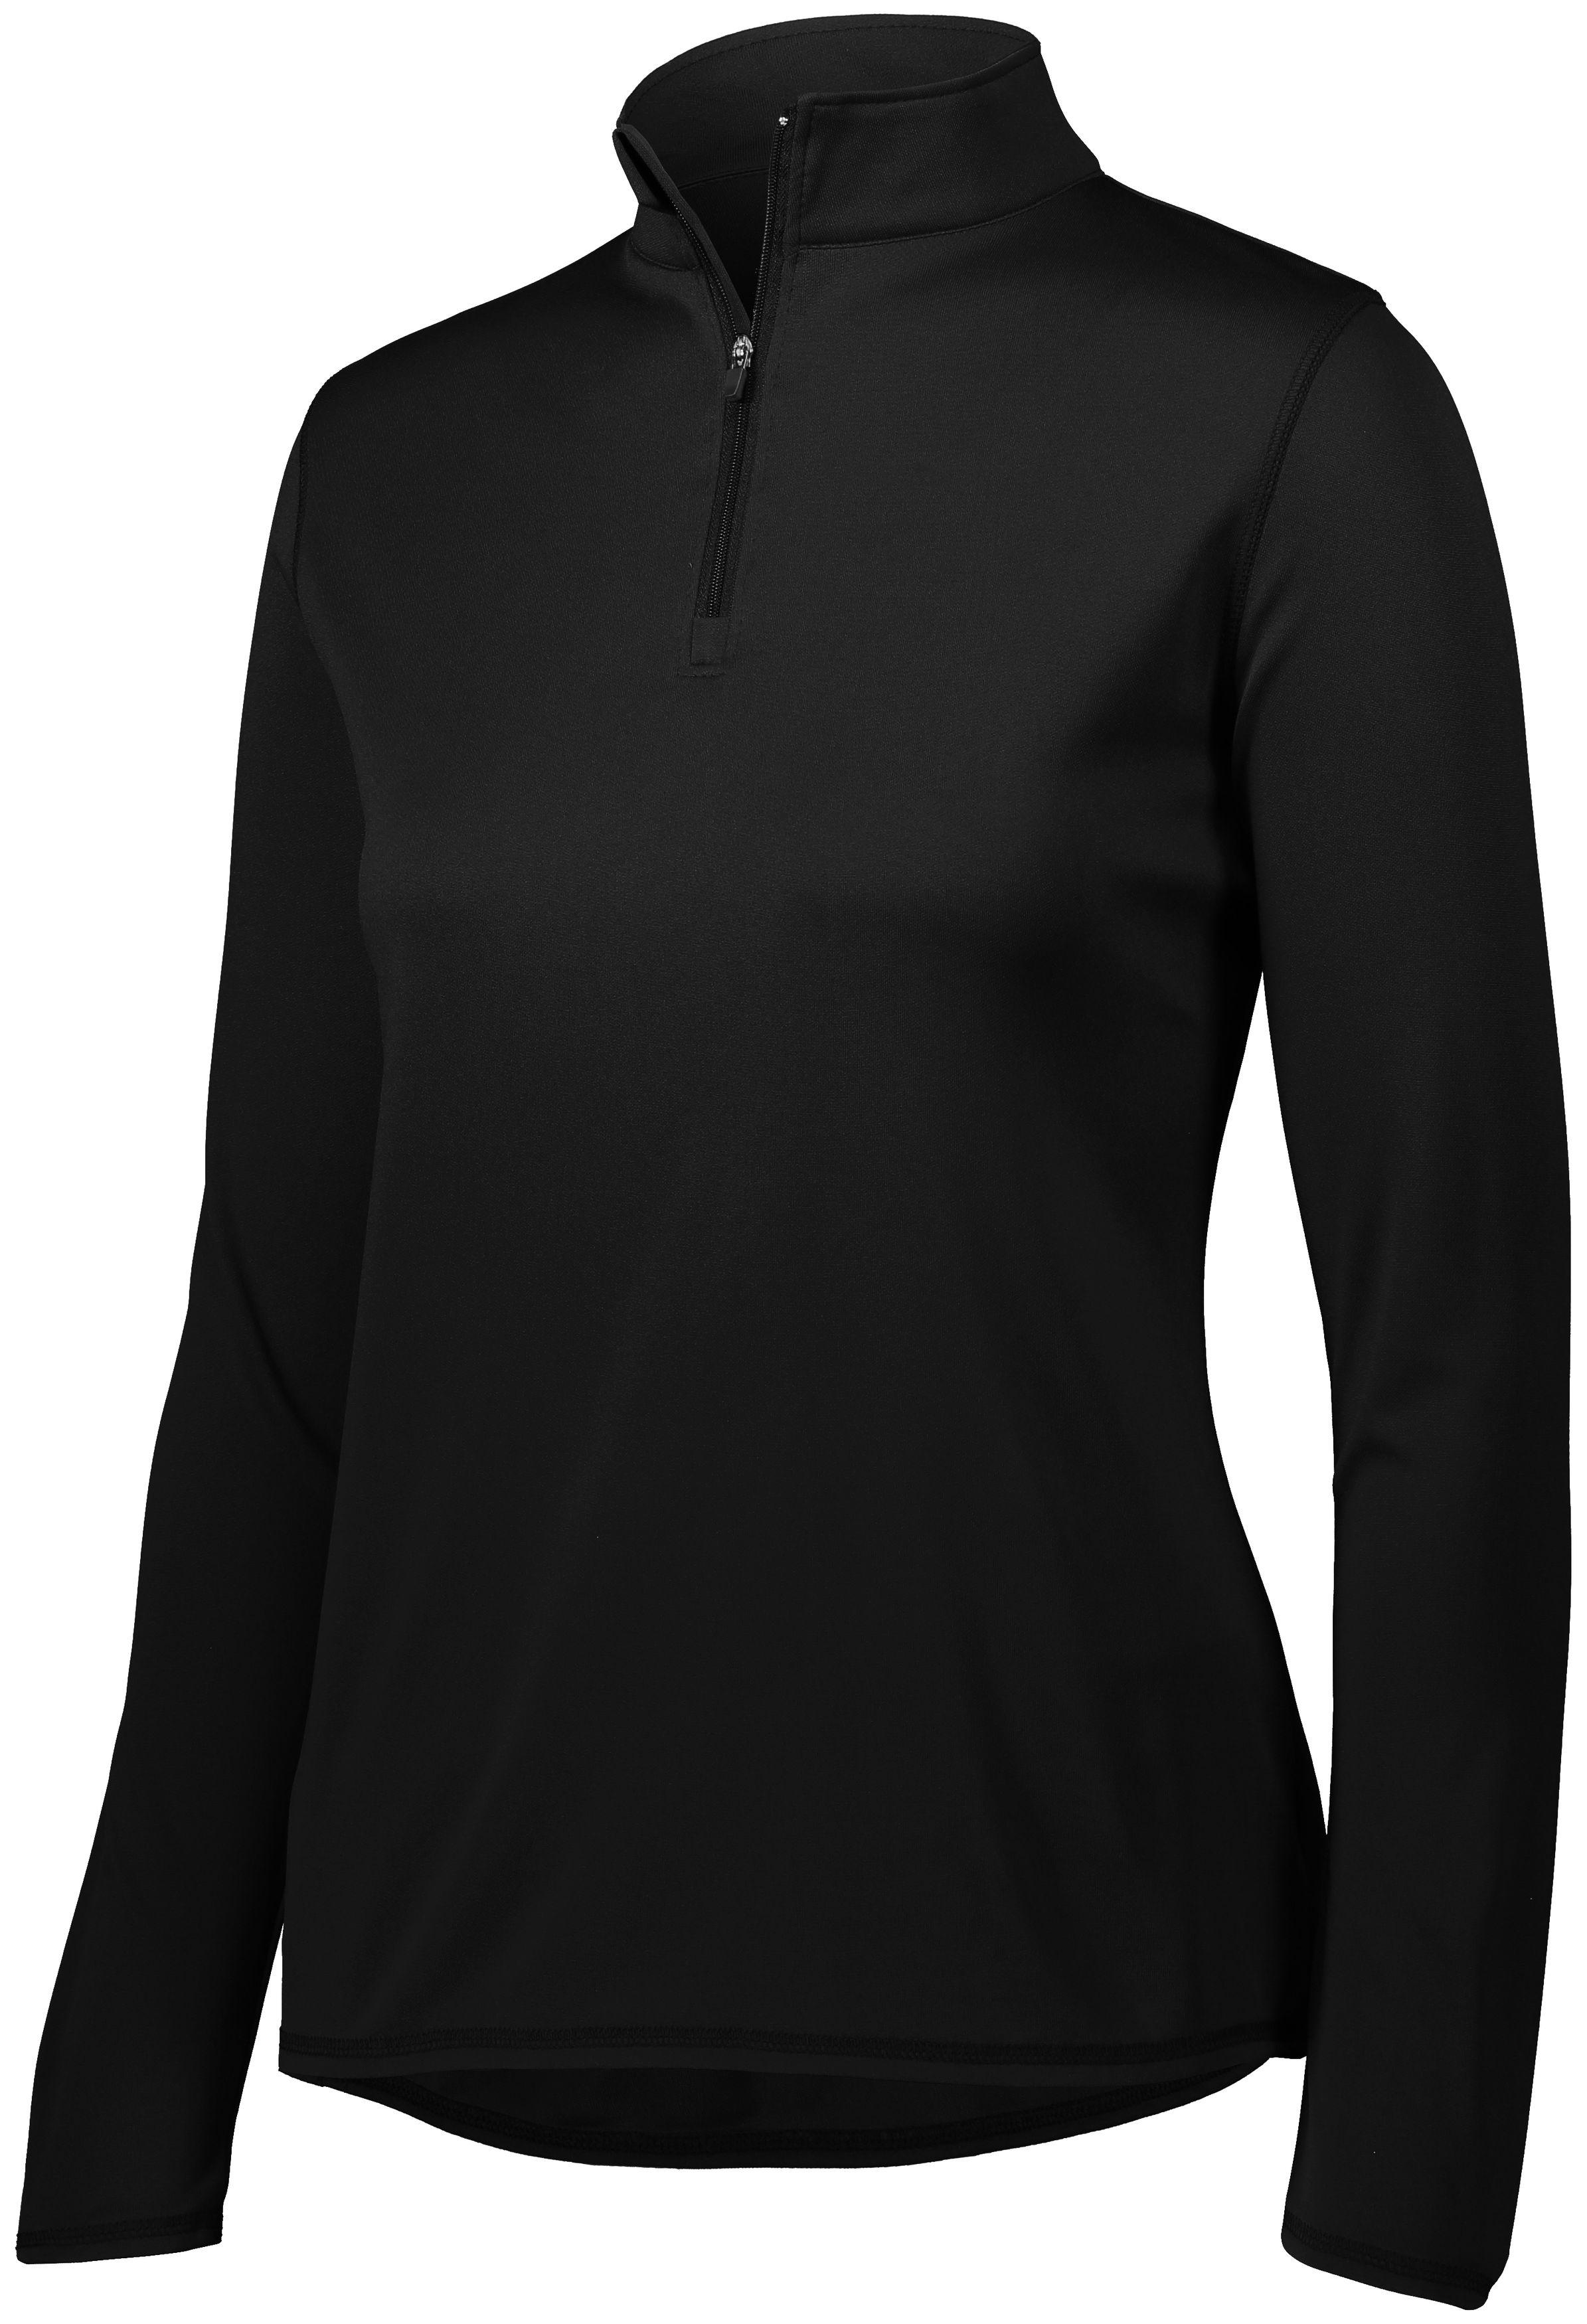 Ladies Attain Wicking 1/4 Zip Pullover - BLACK